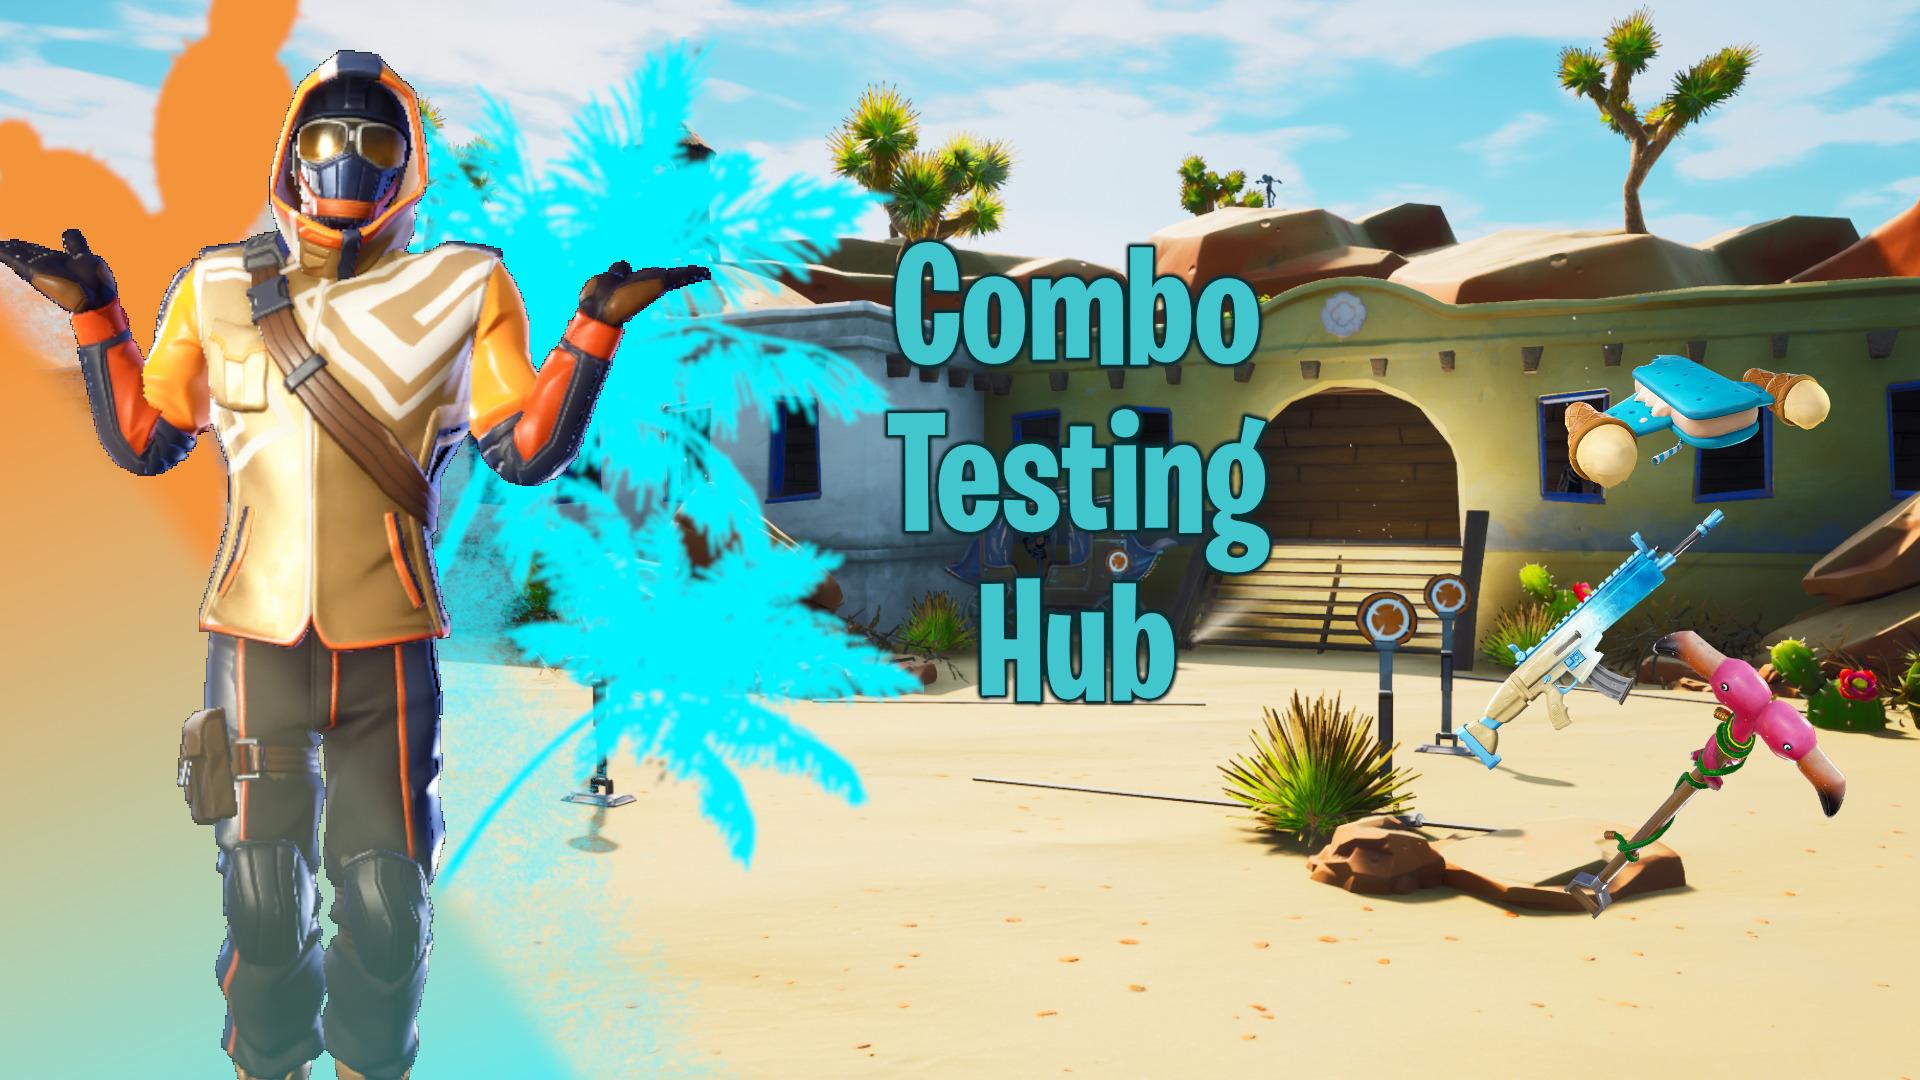 Fortnite Bullseye Edit Skin Changing Hub Desert Crimtanefn Fortnite Creative Map Code